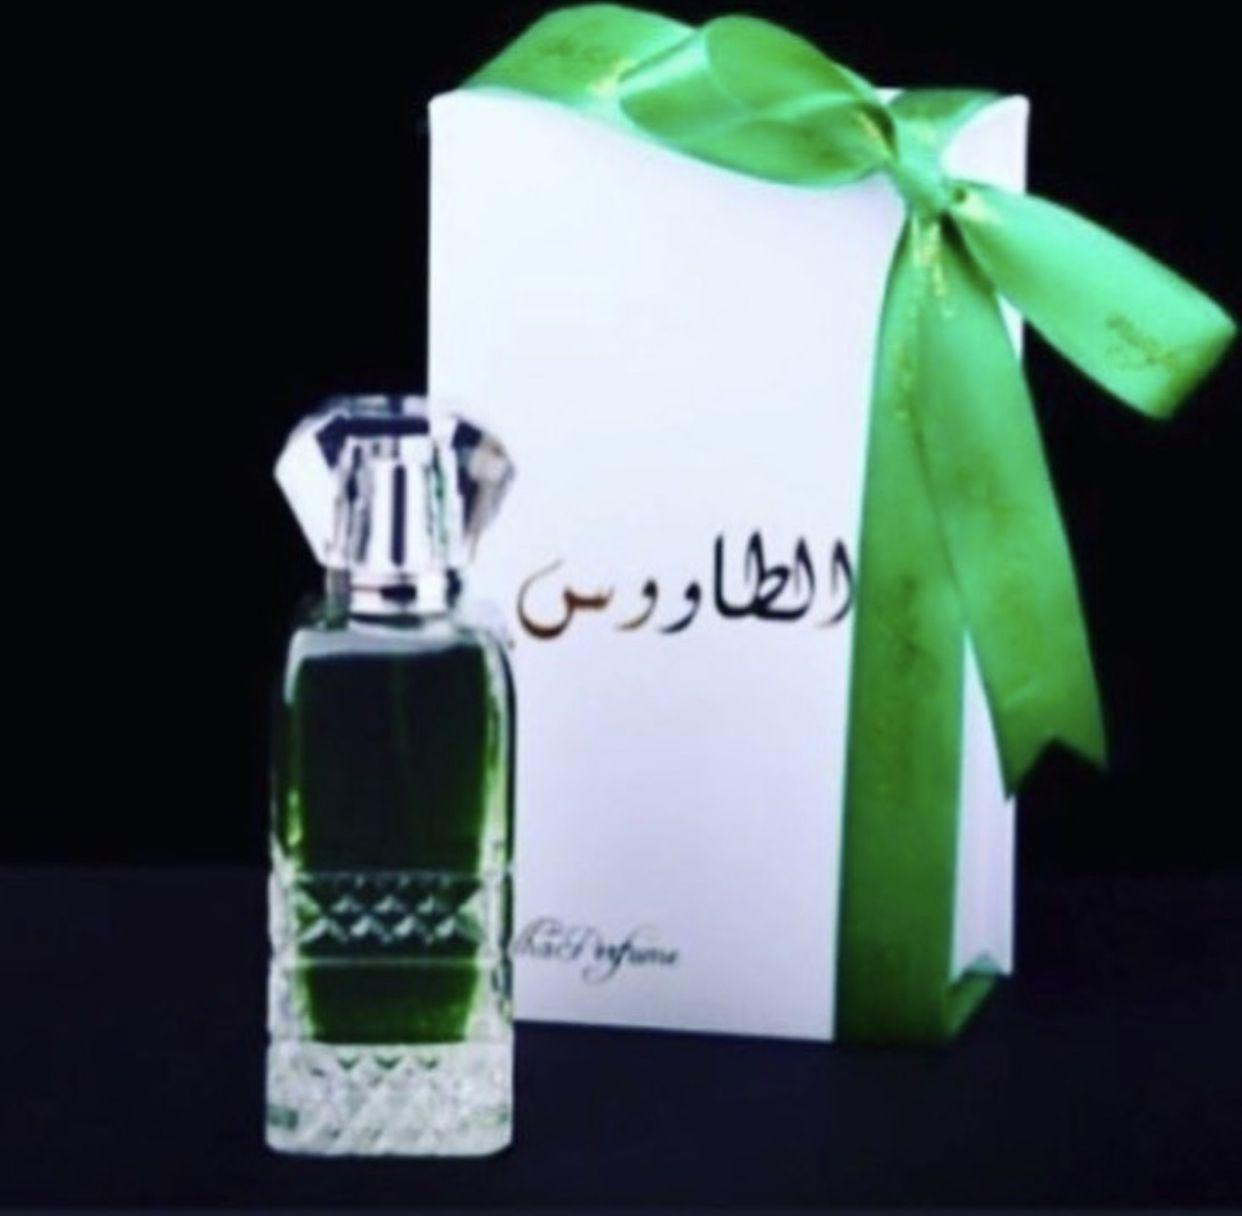 عطر طاووس ألوان جمال شذى الورود تشع لتبهر العقول بعطر يختال بغرور السعر ٤٥ دك In 2020 Perfume Bottles Perfume Bottle